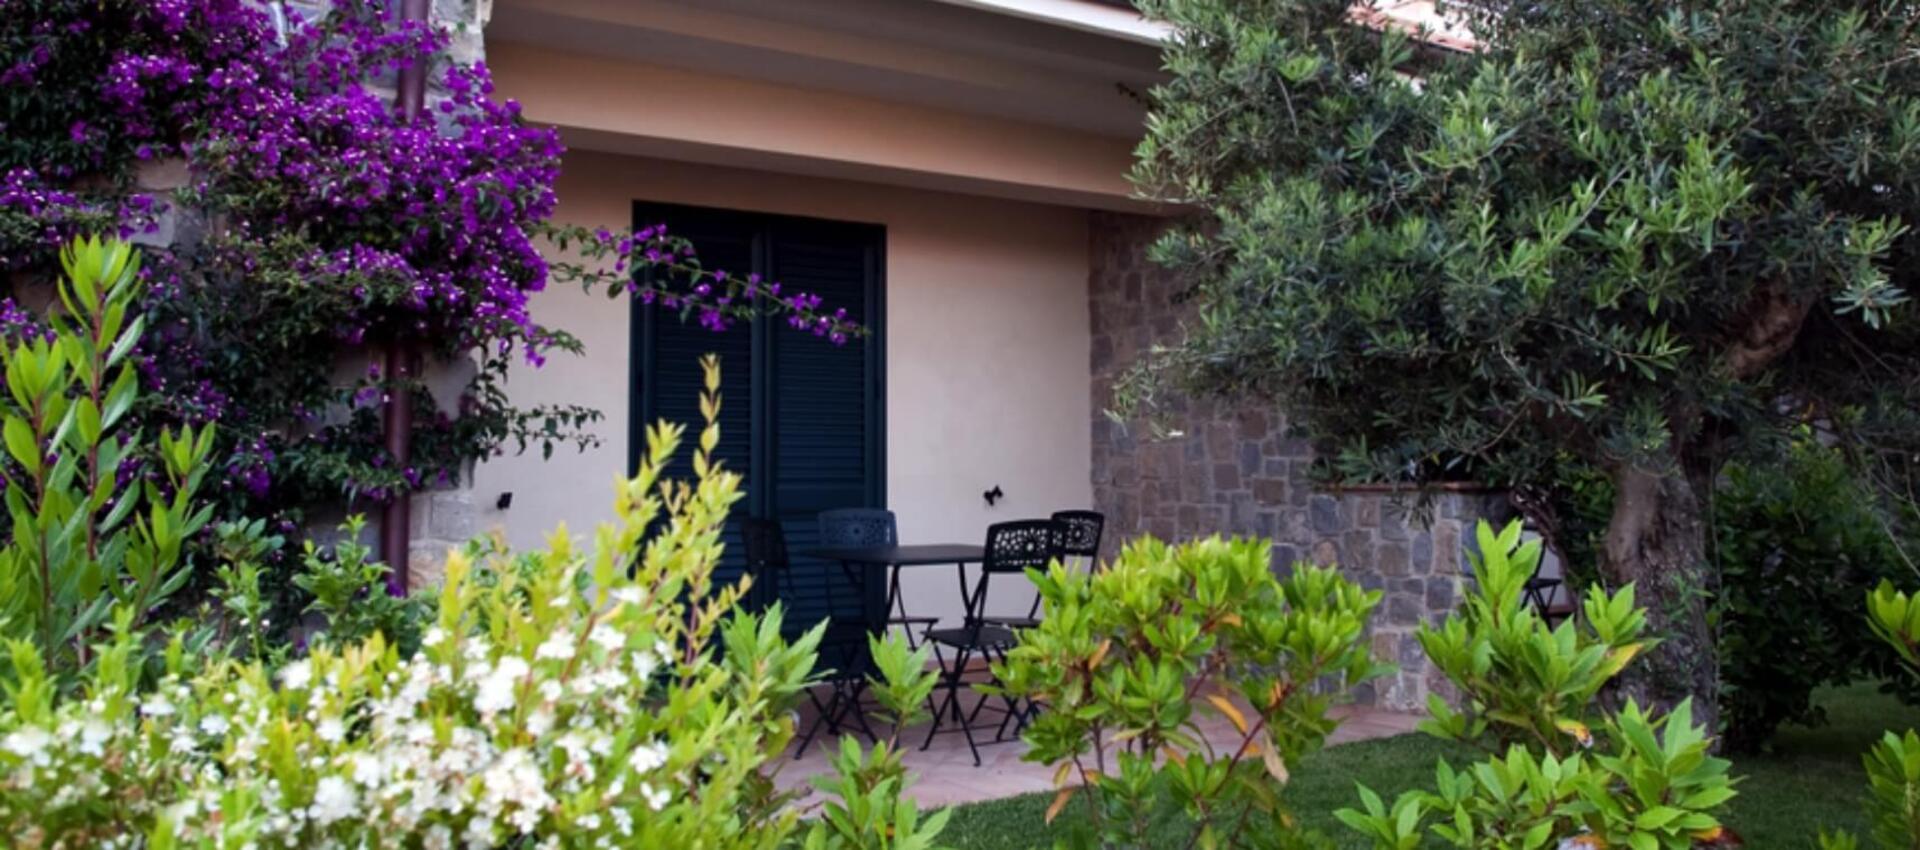 olivetoamare en accommodation-units 004